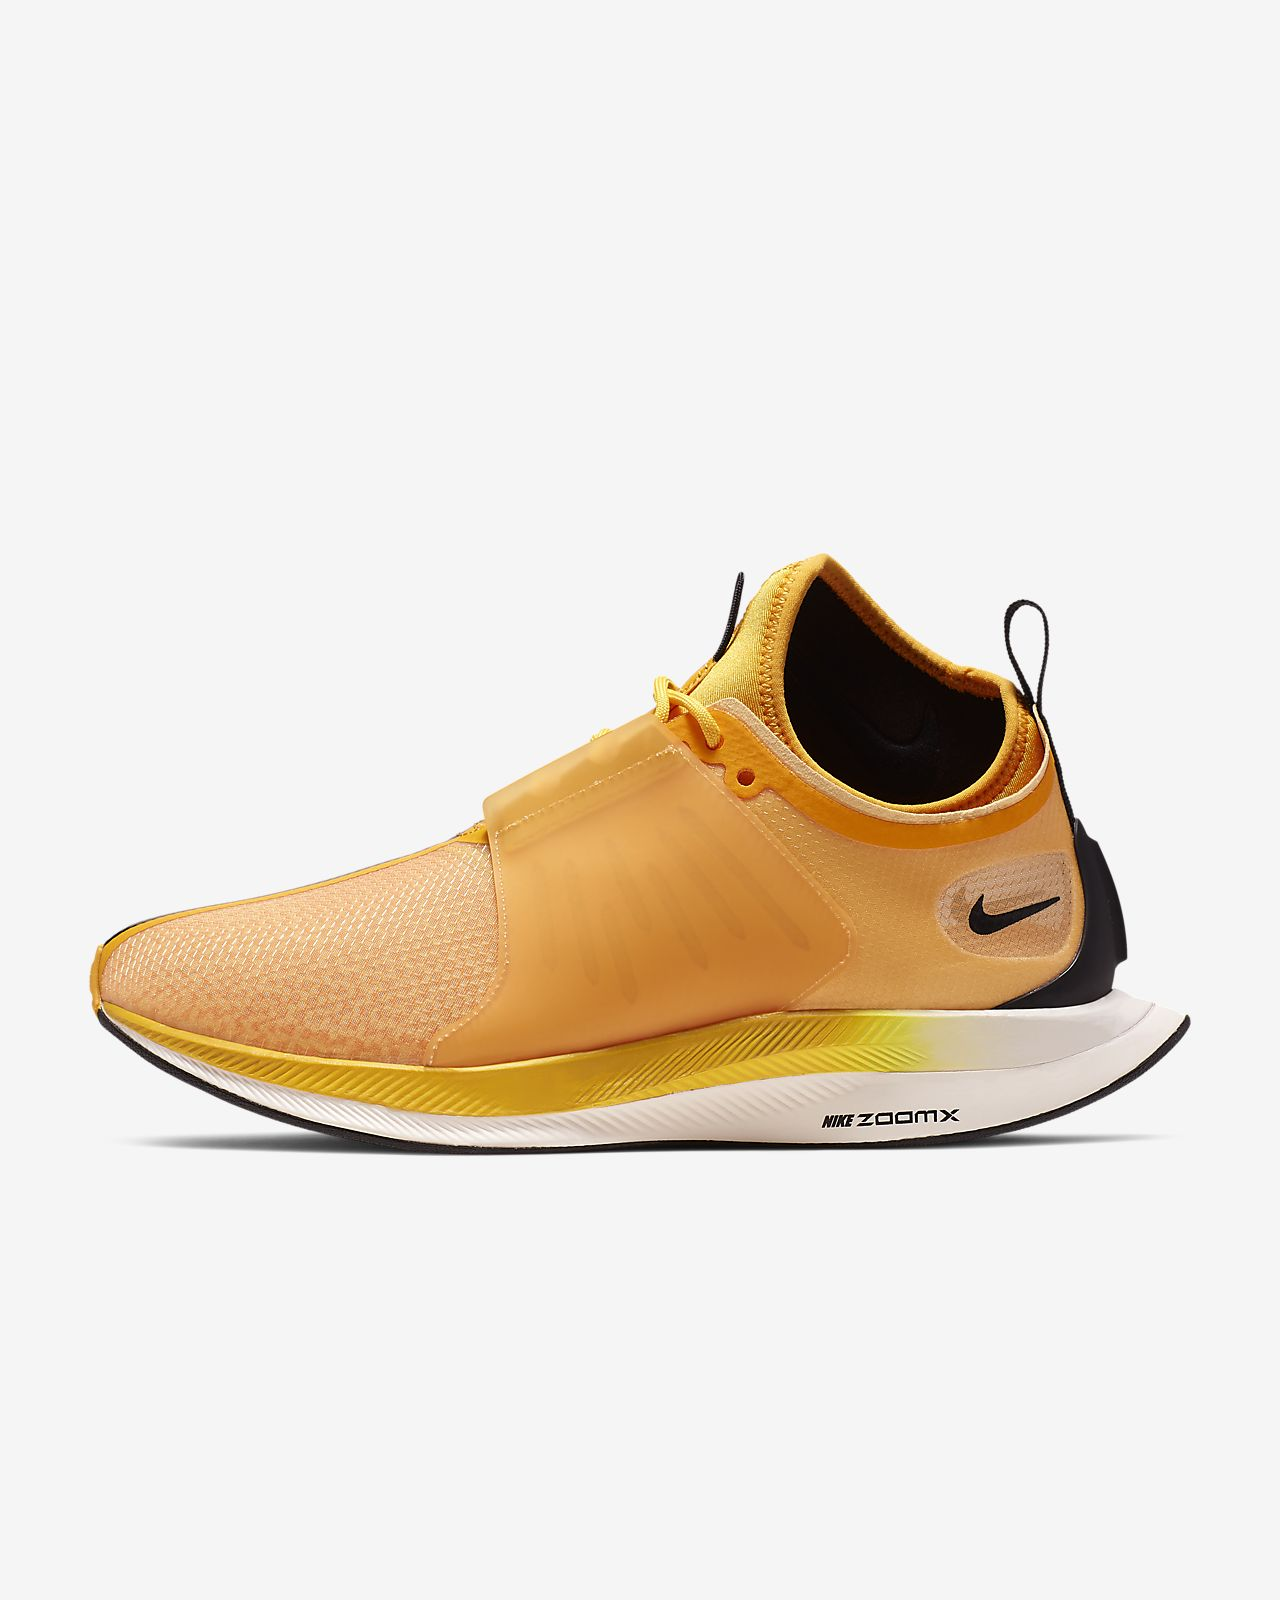 รองเท้าวิ่งผู้หญิง Nike Zoom Pegasus Turbo XX